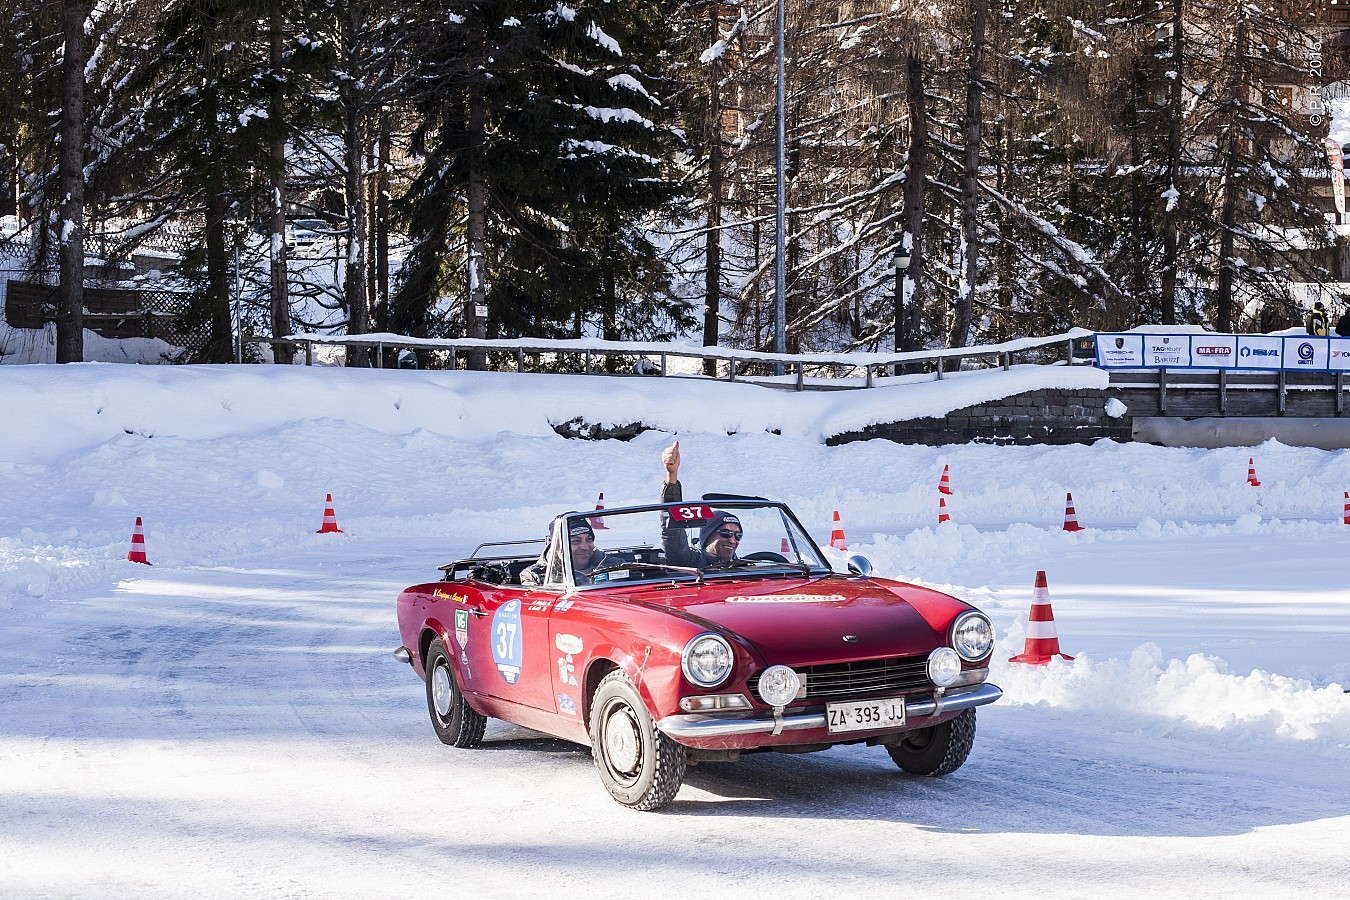 122 equipaggi, 20 marchi automobilistici, 8 nazioni: i numeri della #WinterMarathon2016